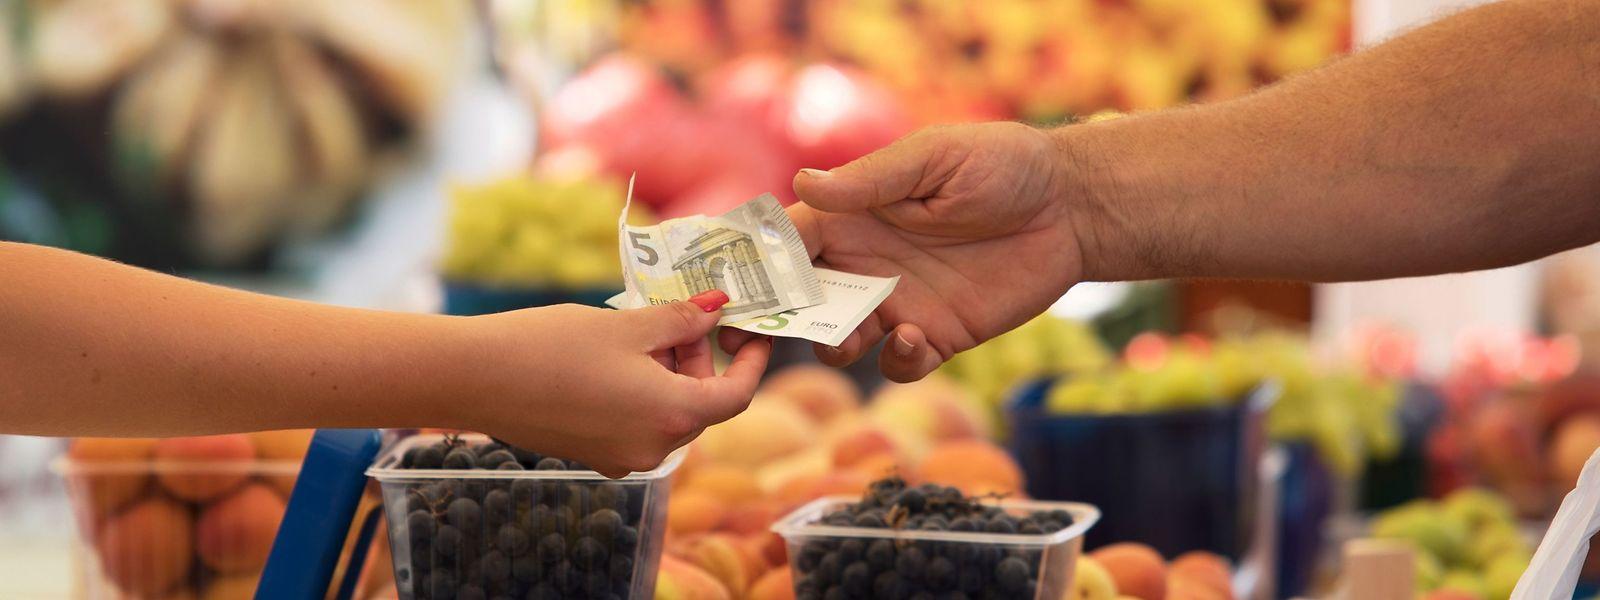 67% de la valeur totale des achats réglés en point de vente en Autriche l'ont été en liquide, en 2016.